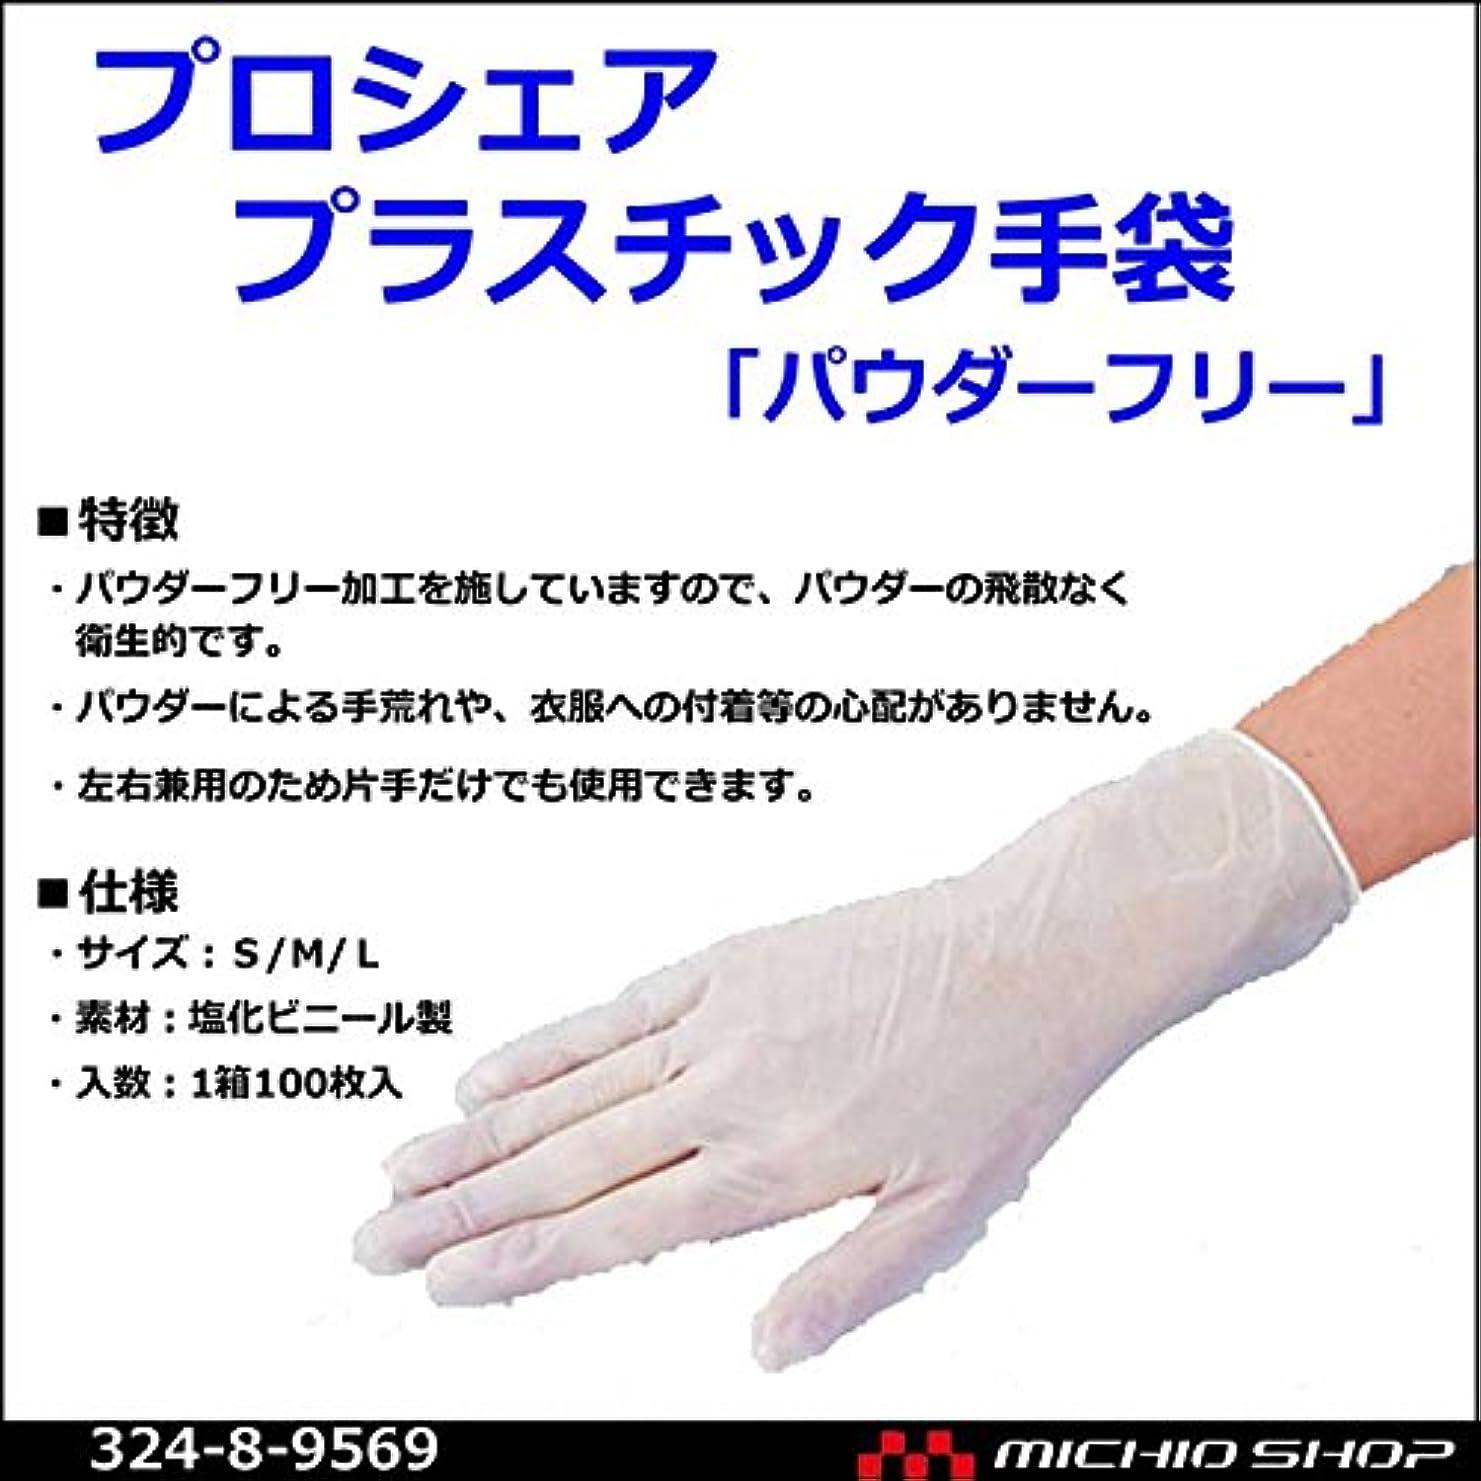 上院議員補足顕著アズワン プロシェアプラスチック手袋 100枚入 8-9569 03 S